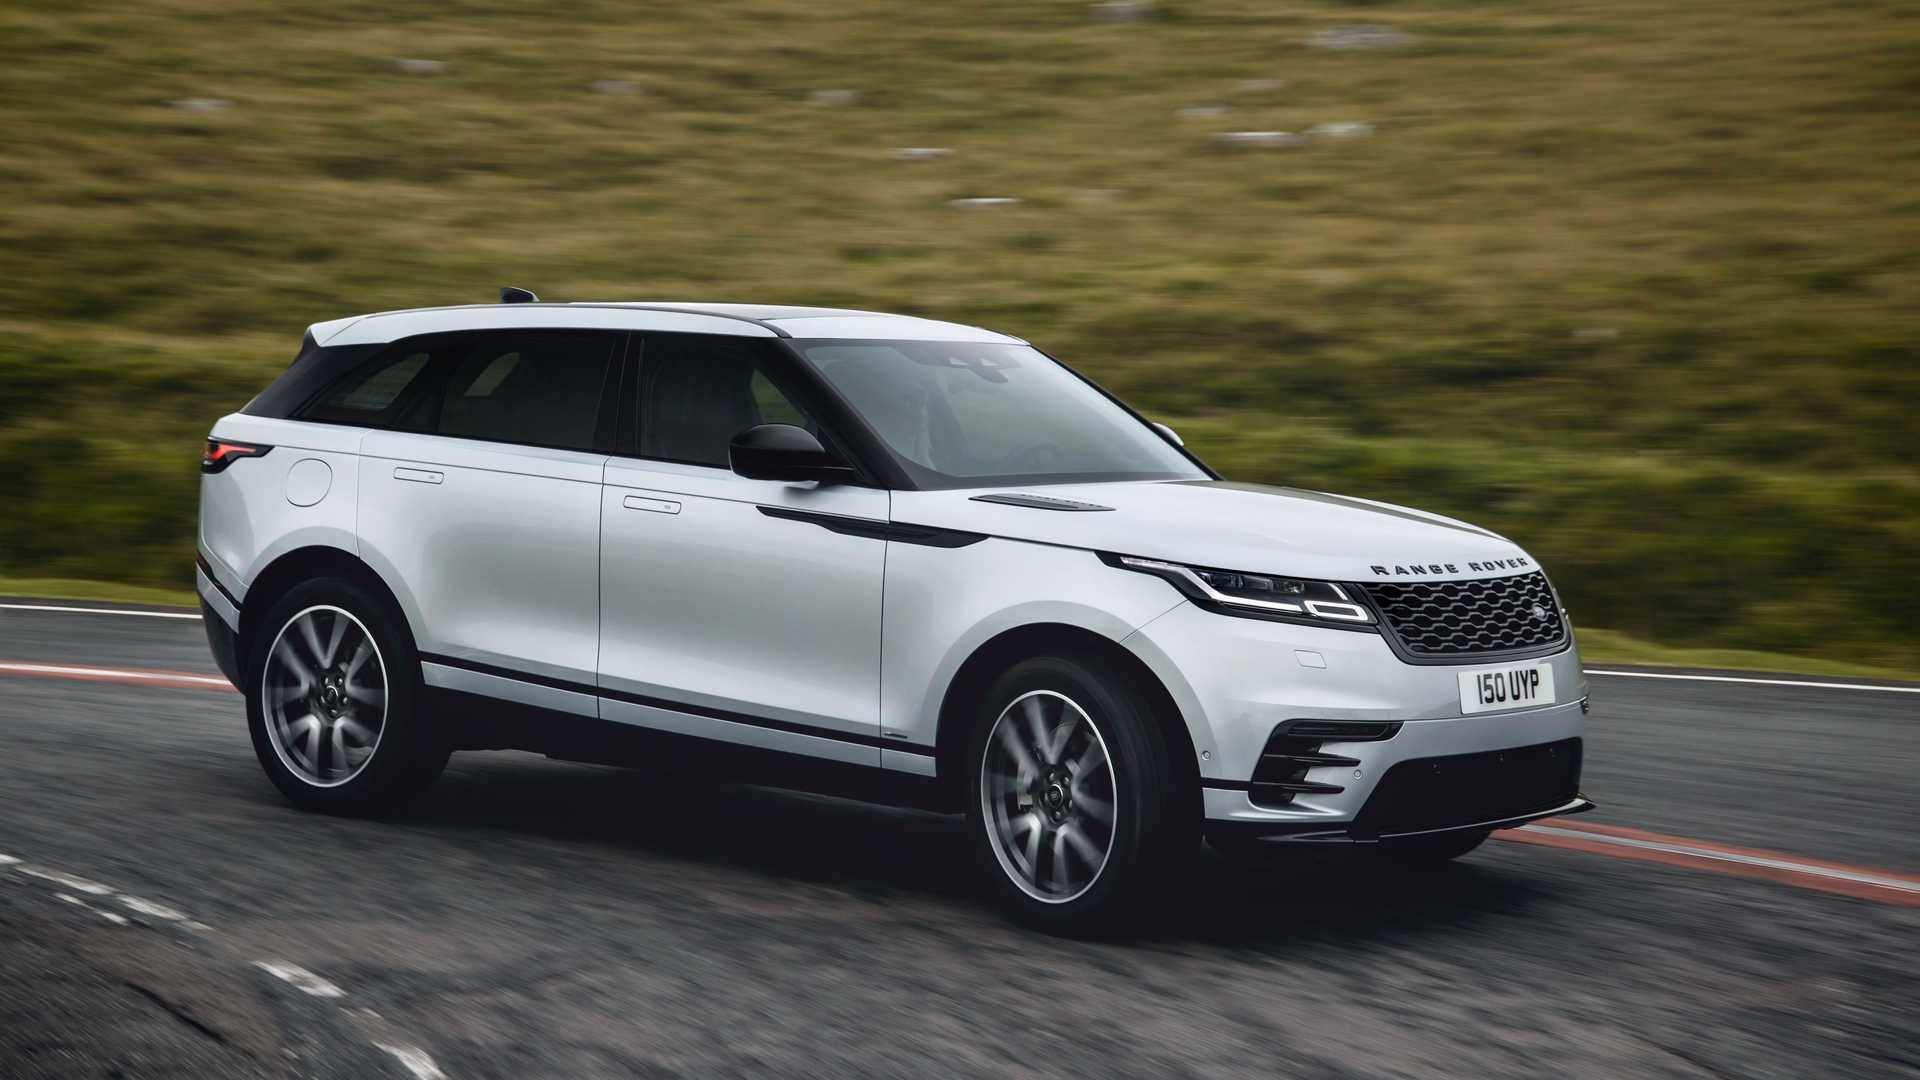 Range Rover Velar 2021 ra mắt với động cơ plug-in hybrid mới, trang bị nhiều công nghệ hiện đại bậc nhất